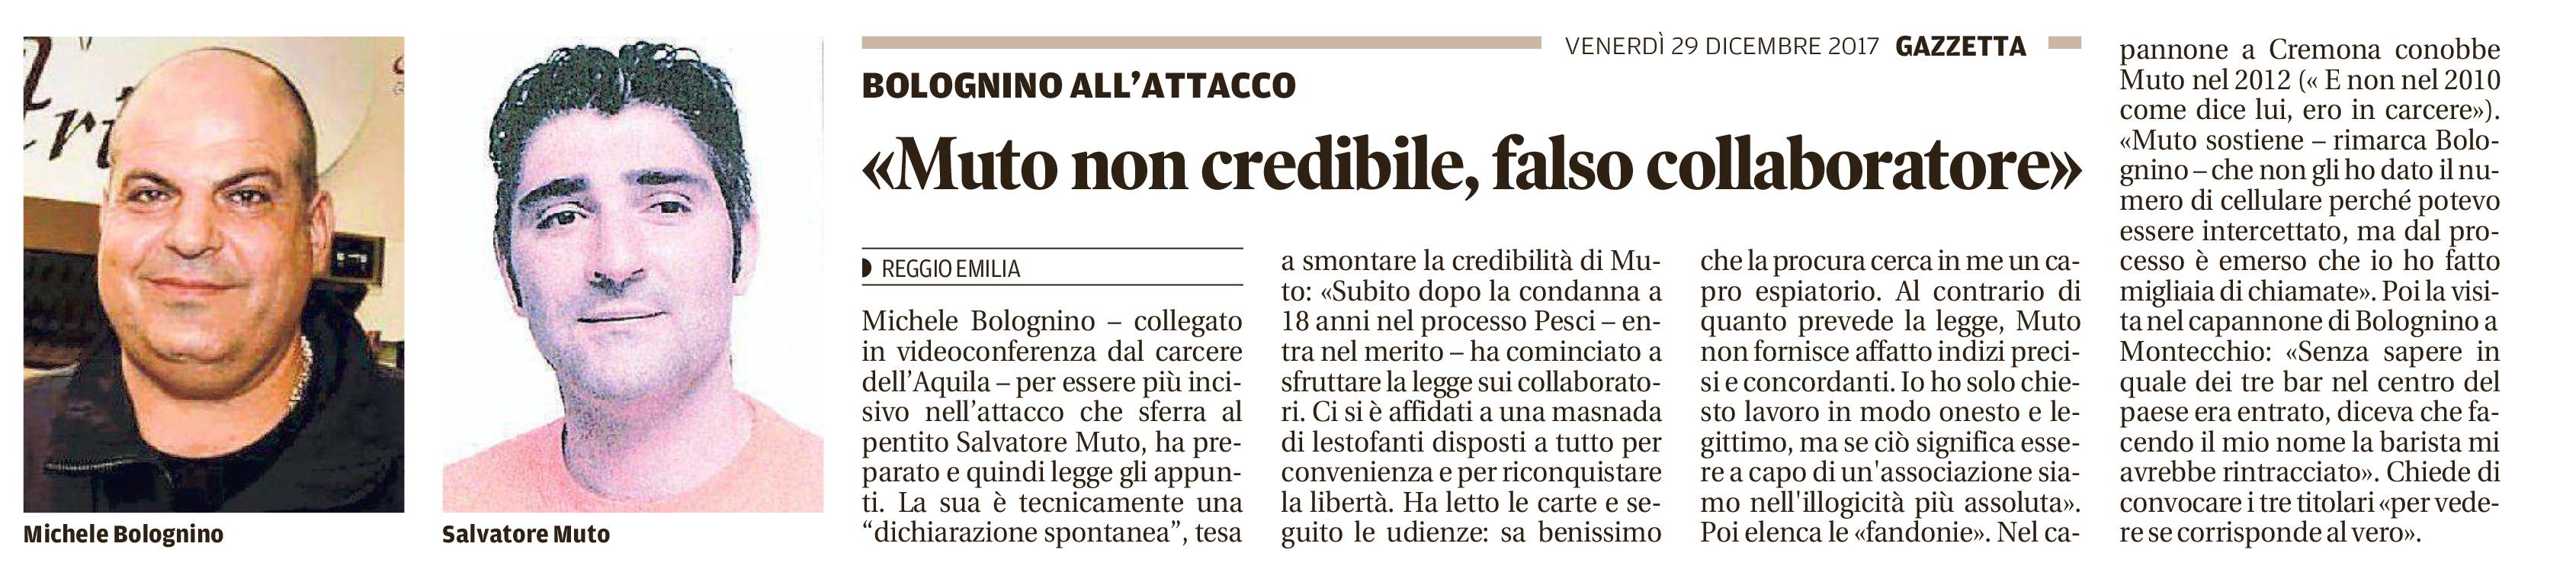 """Bolognino: """"Muto non credibile"""""""